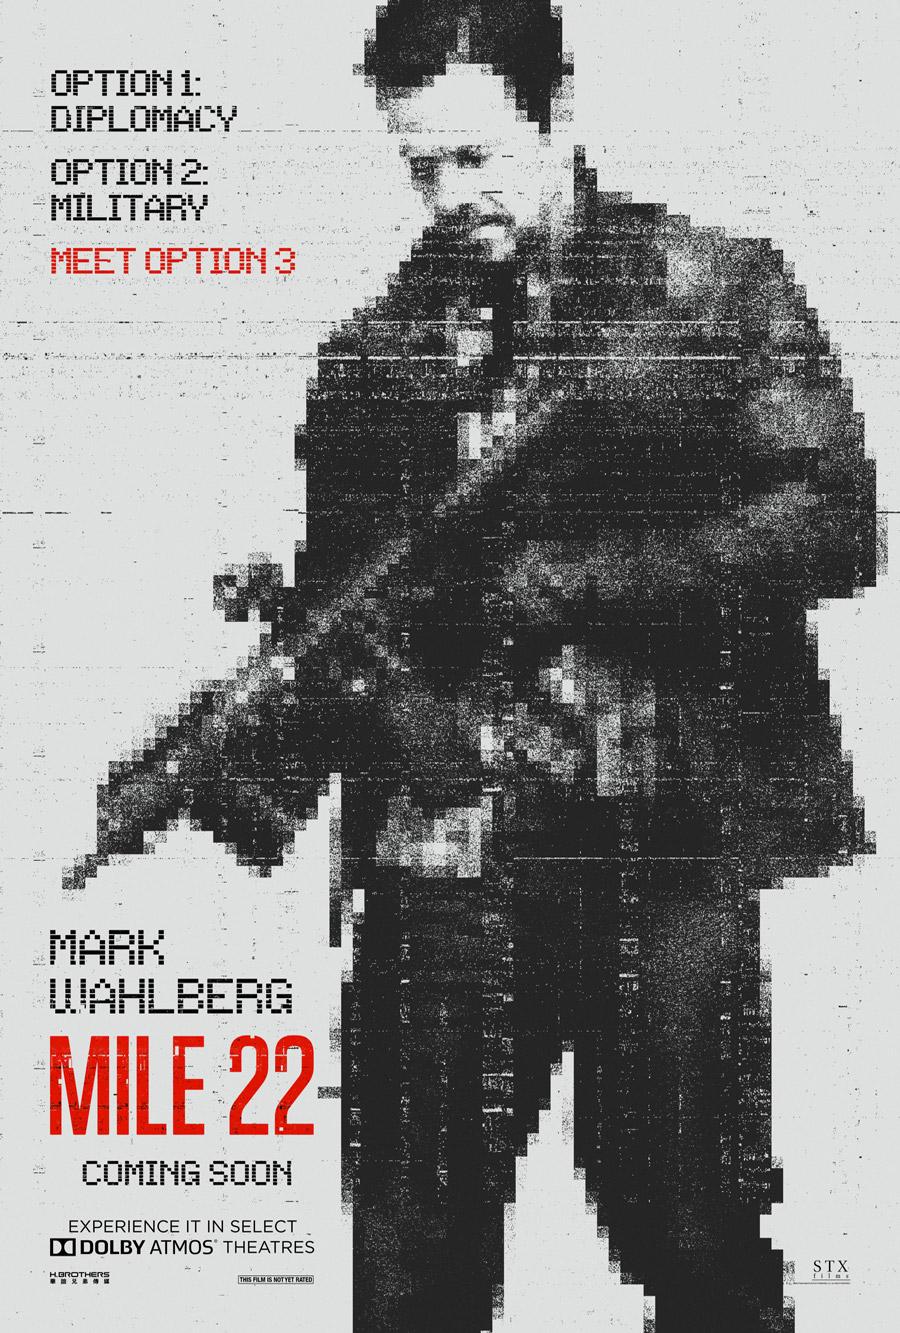 mile 22 poster.jpg